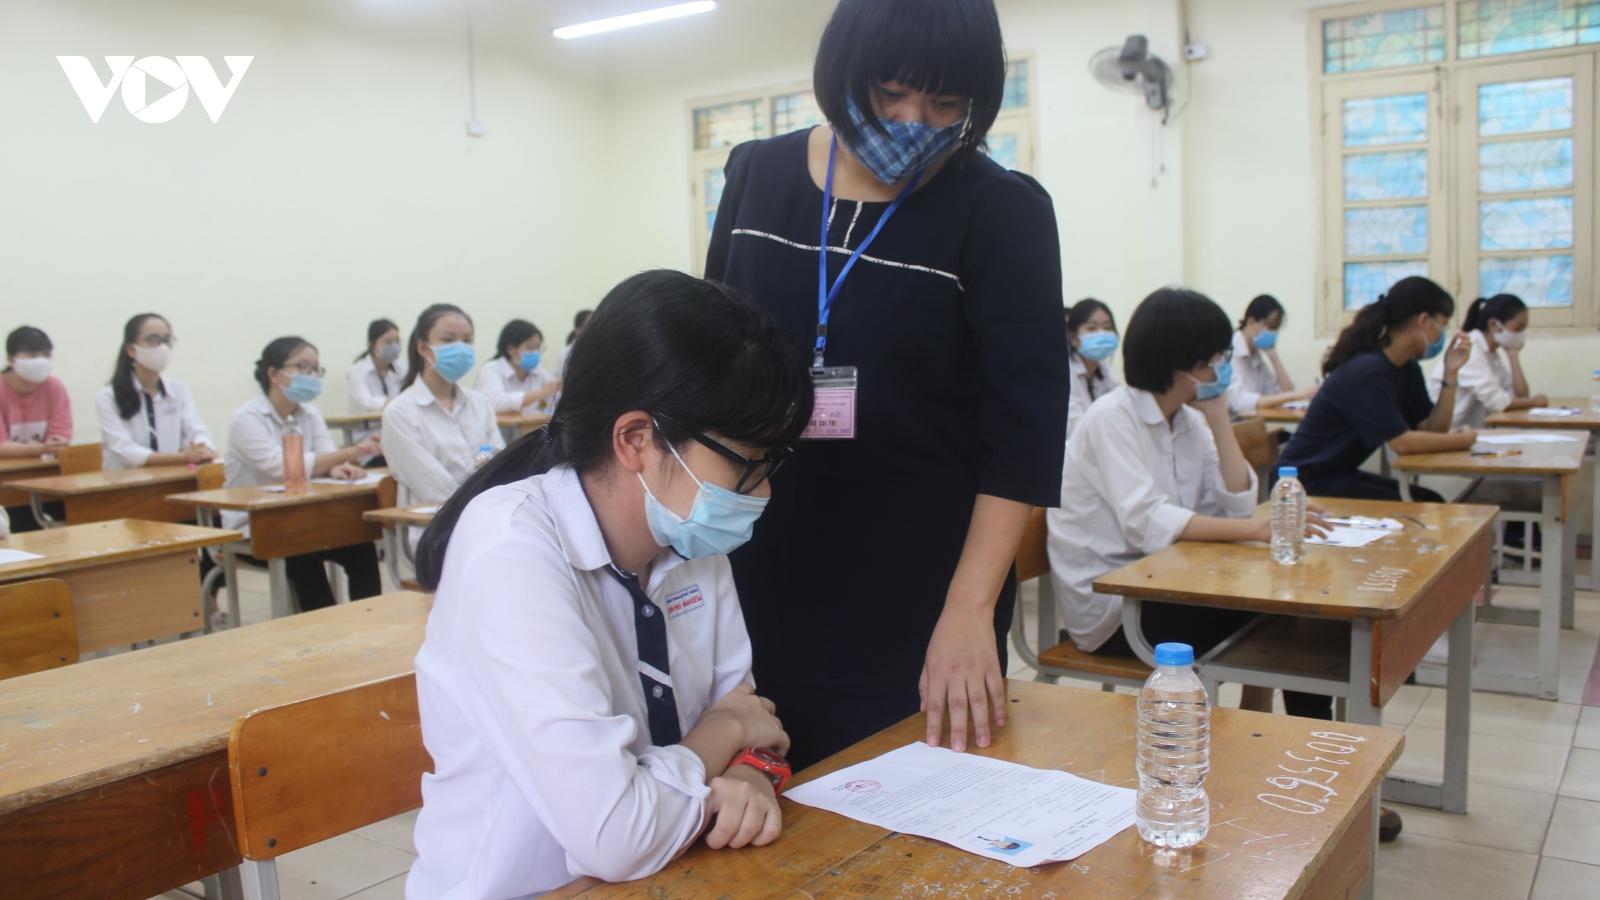 Buộc giáo viên nhận xét từng học sinh vào sổ theo dõi là sai quy định